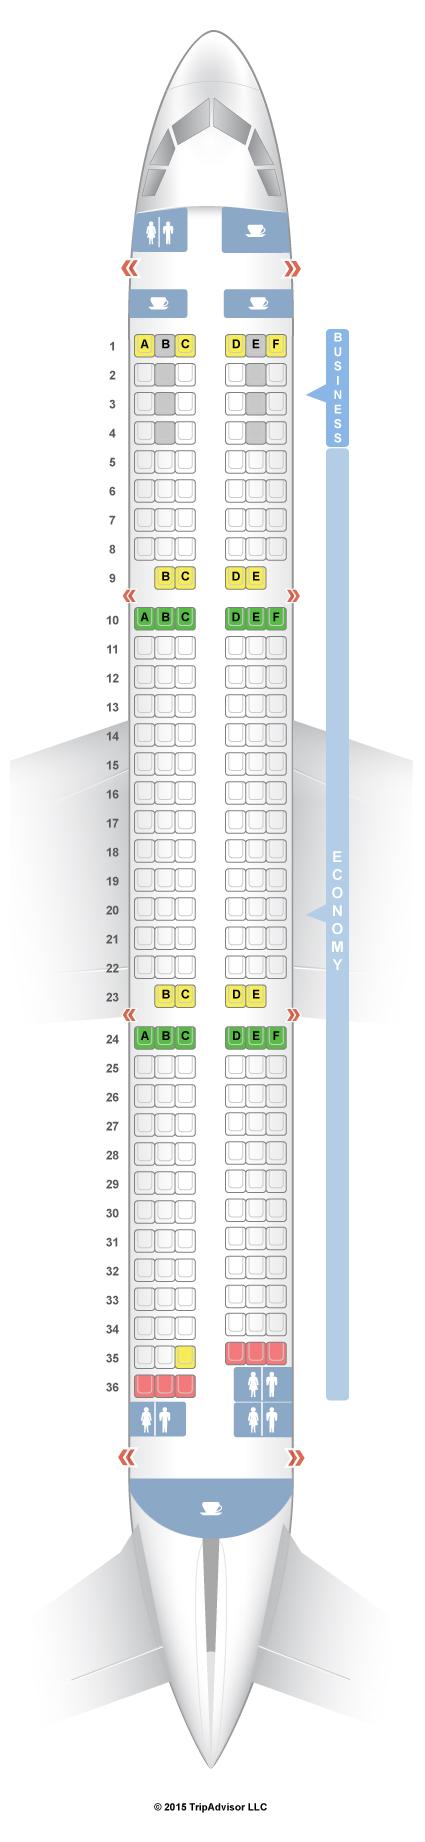 Finnair_Airbus_A321_B.jpg